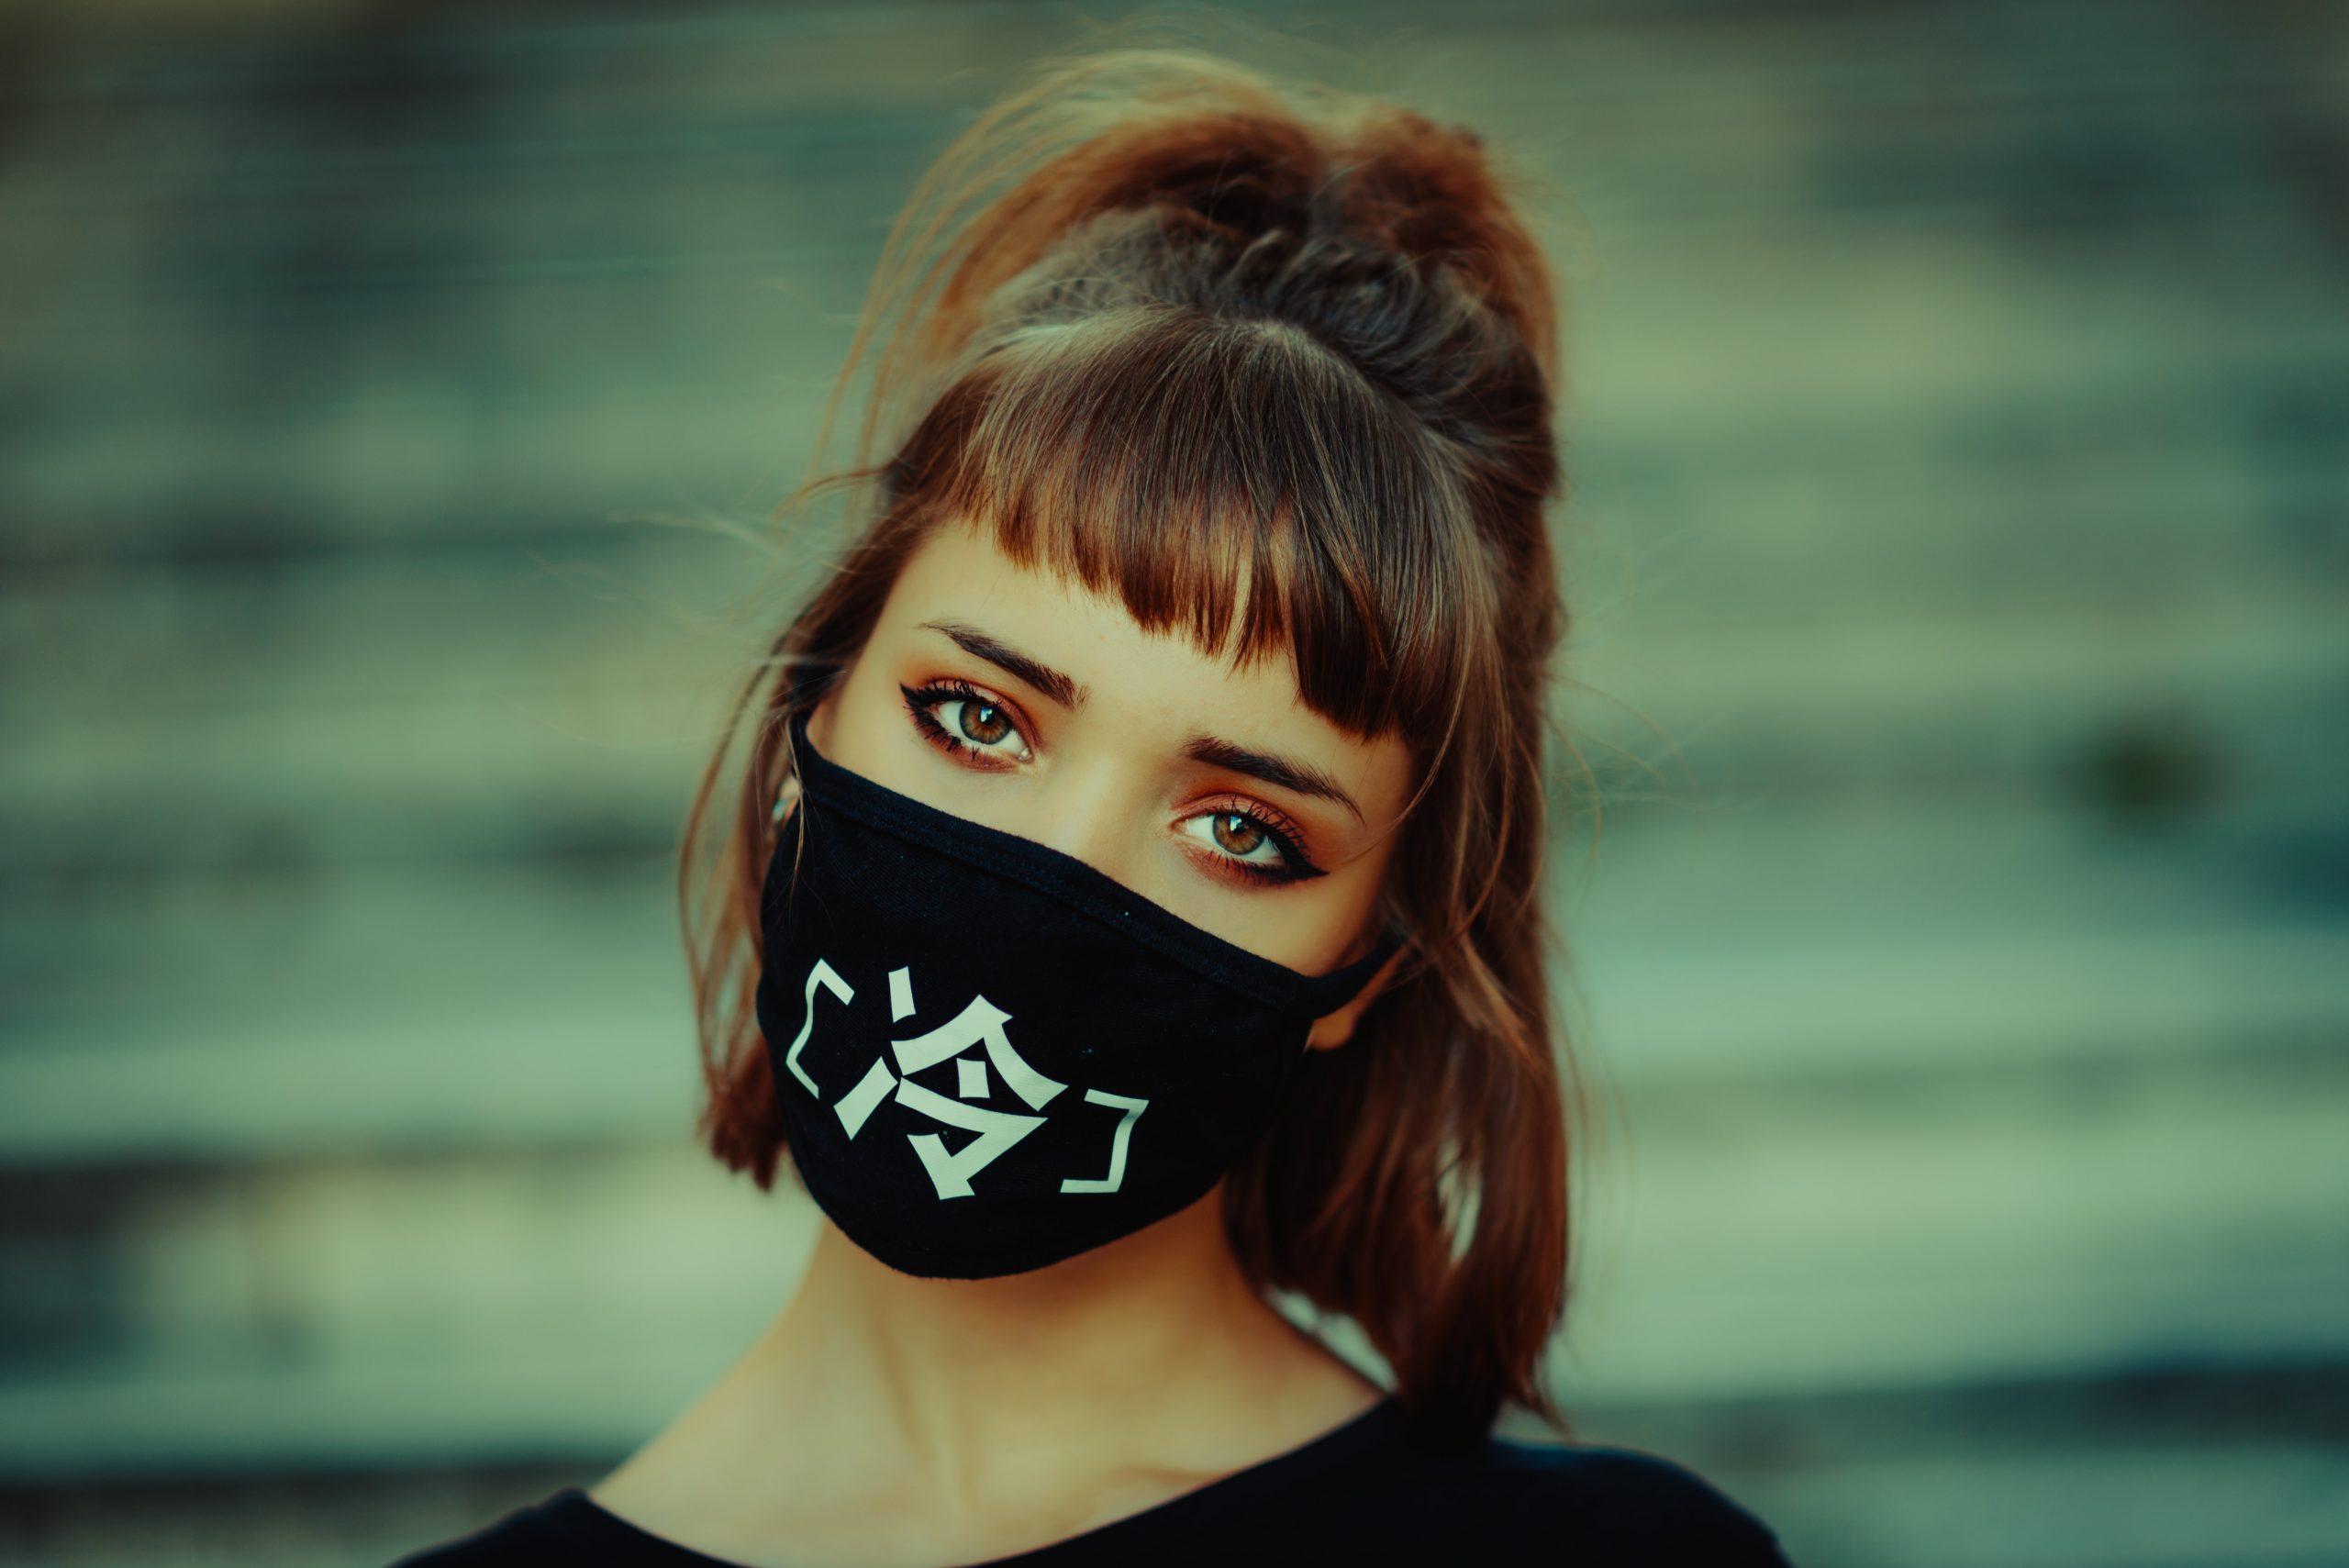 Είσαι σίγουρος ότι φοράς σωστά τη μάσκα σου;